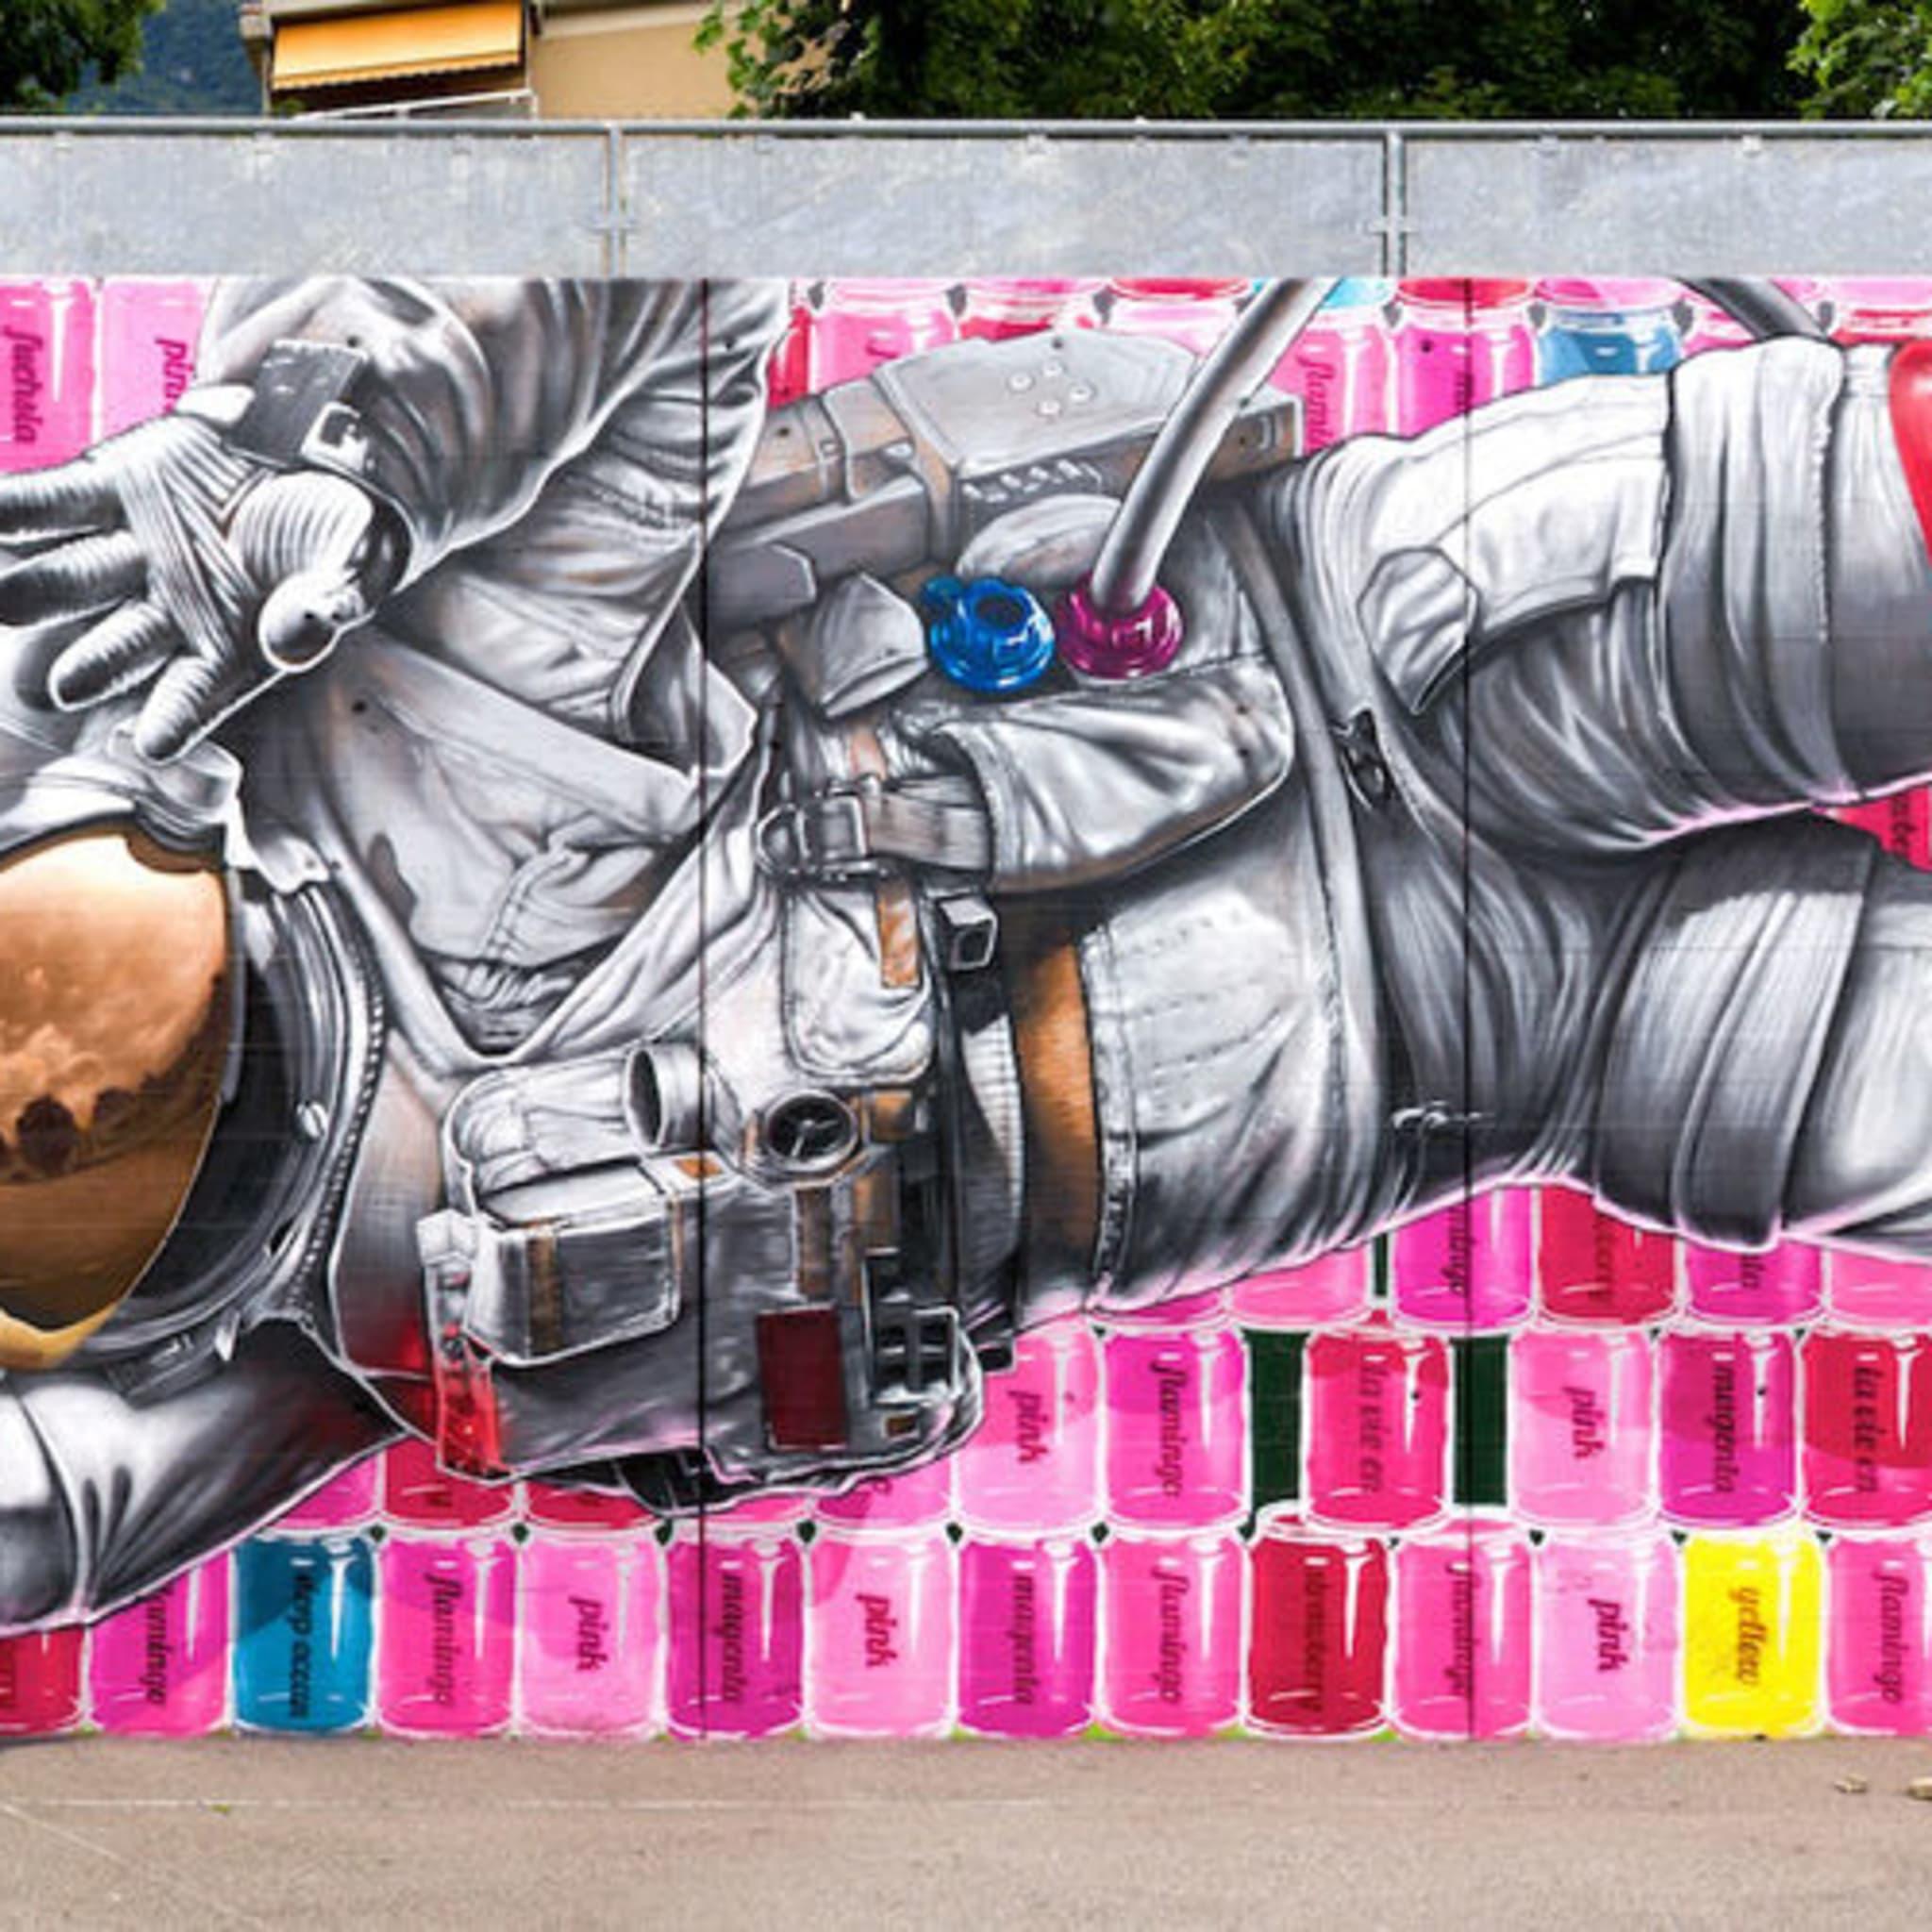 Œuvre Par NEVERCREW à Lugano